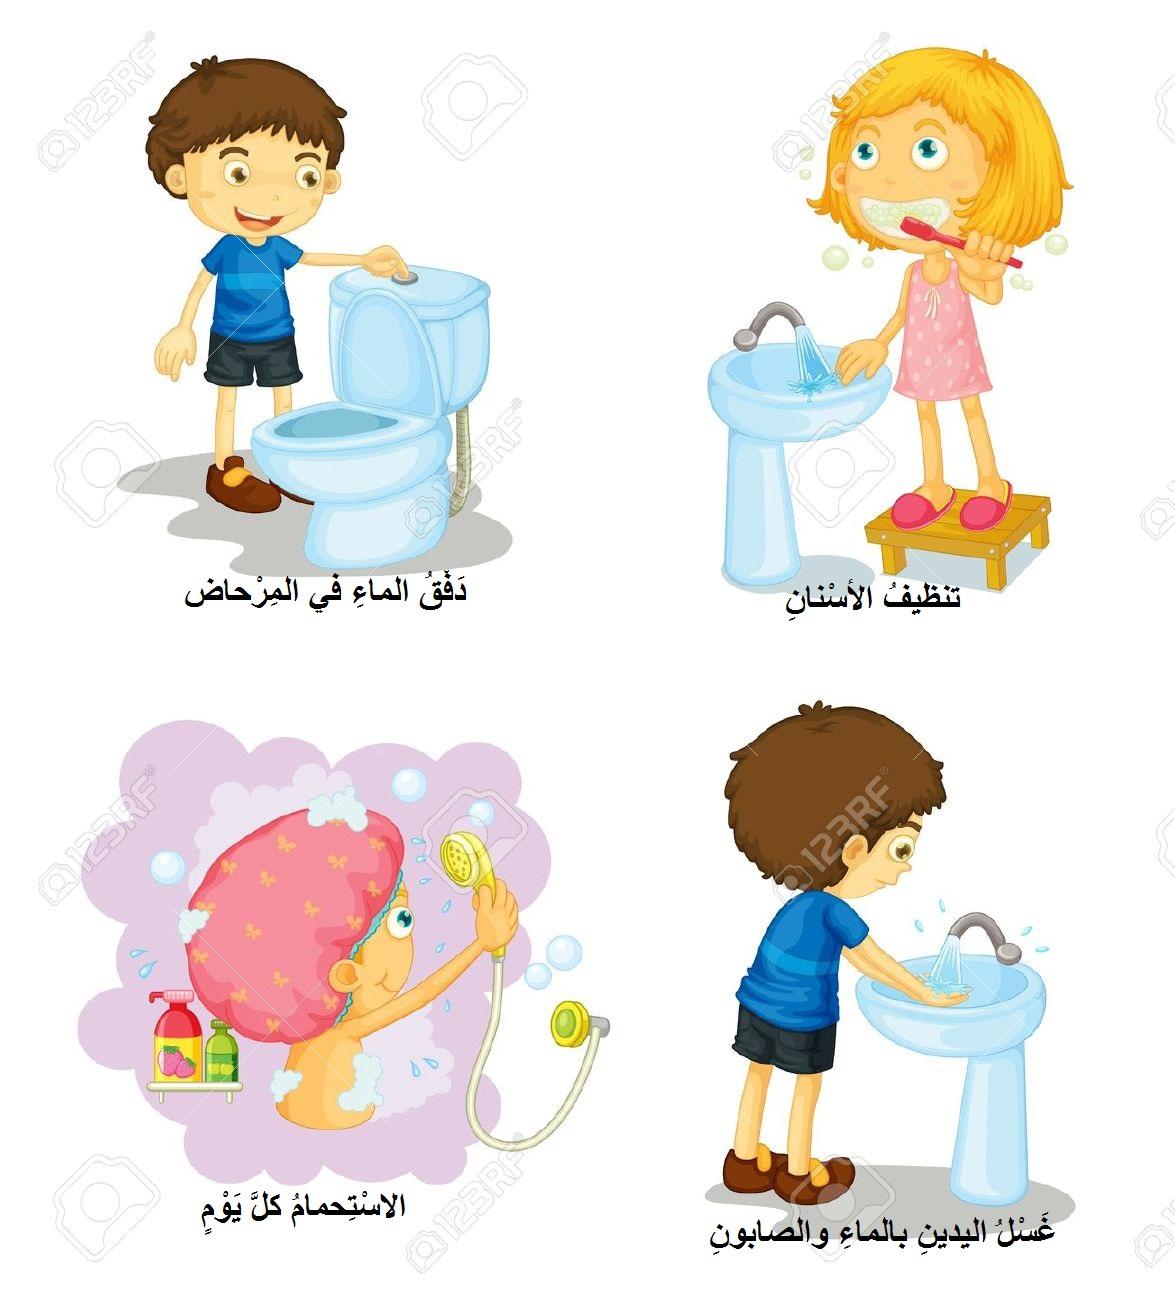 اللغة العربيّة في مدرسة الحكمة هاي سكول عين سعادة